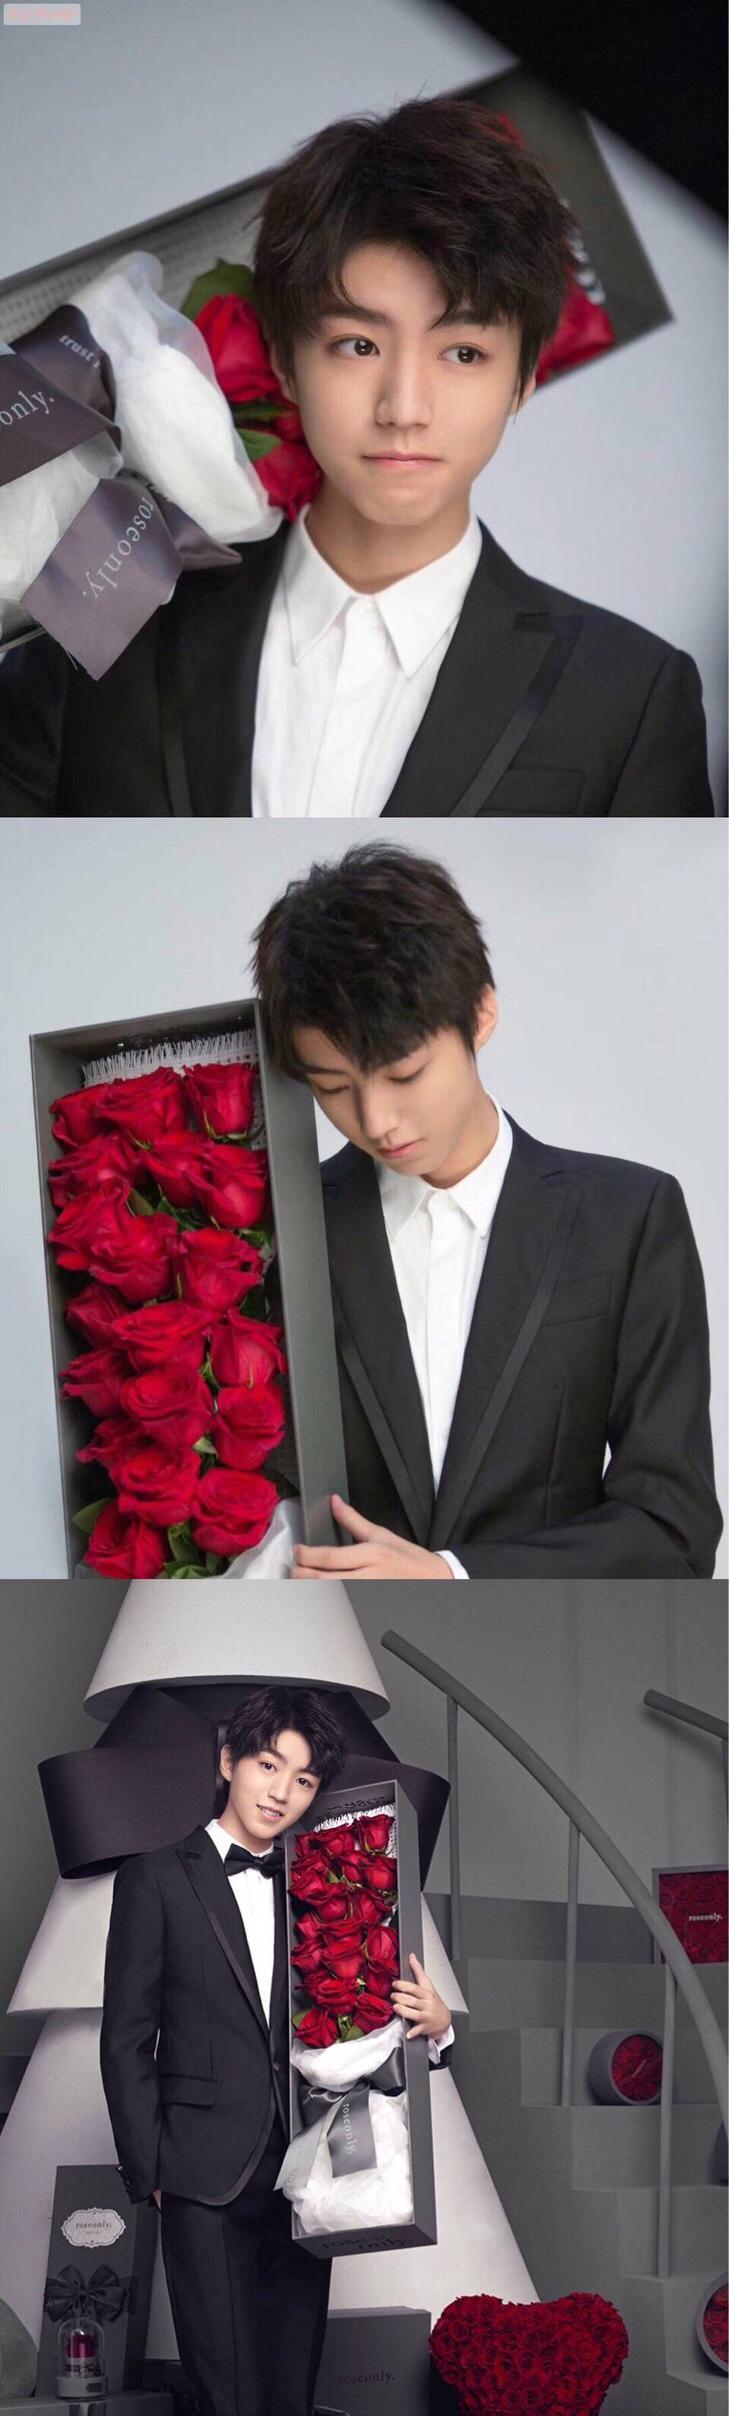 这些年王俊凯送出的花:看大哥如何从羞涩少年,变送花技能满分boy